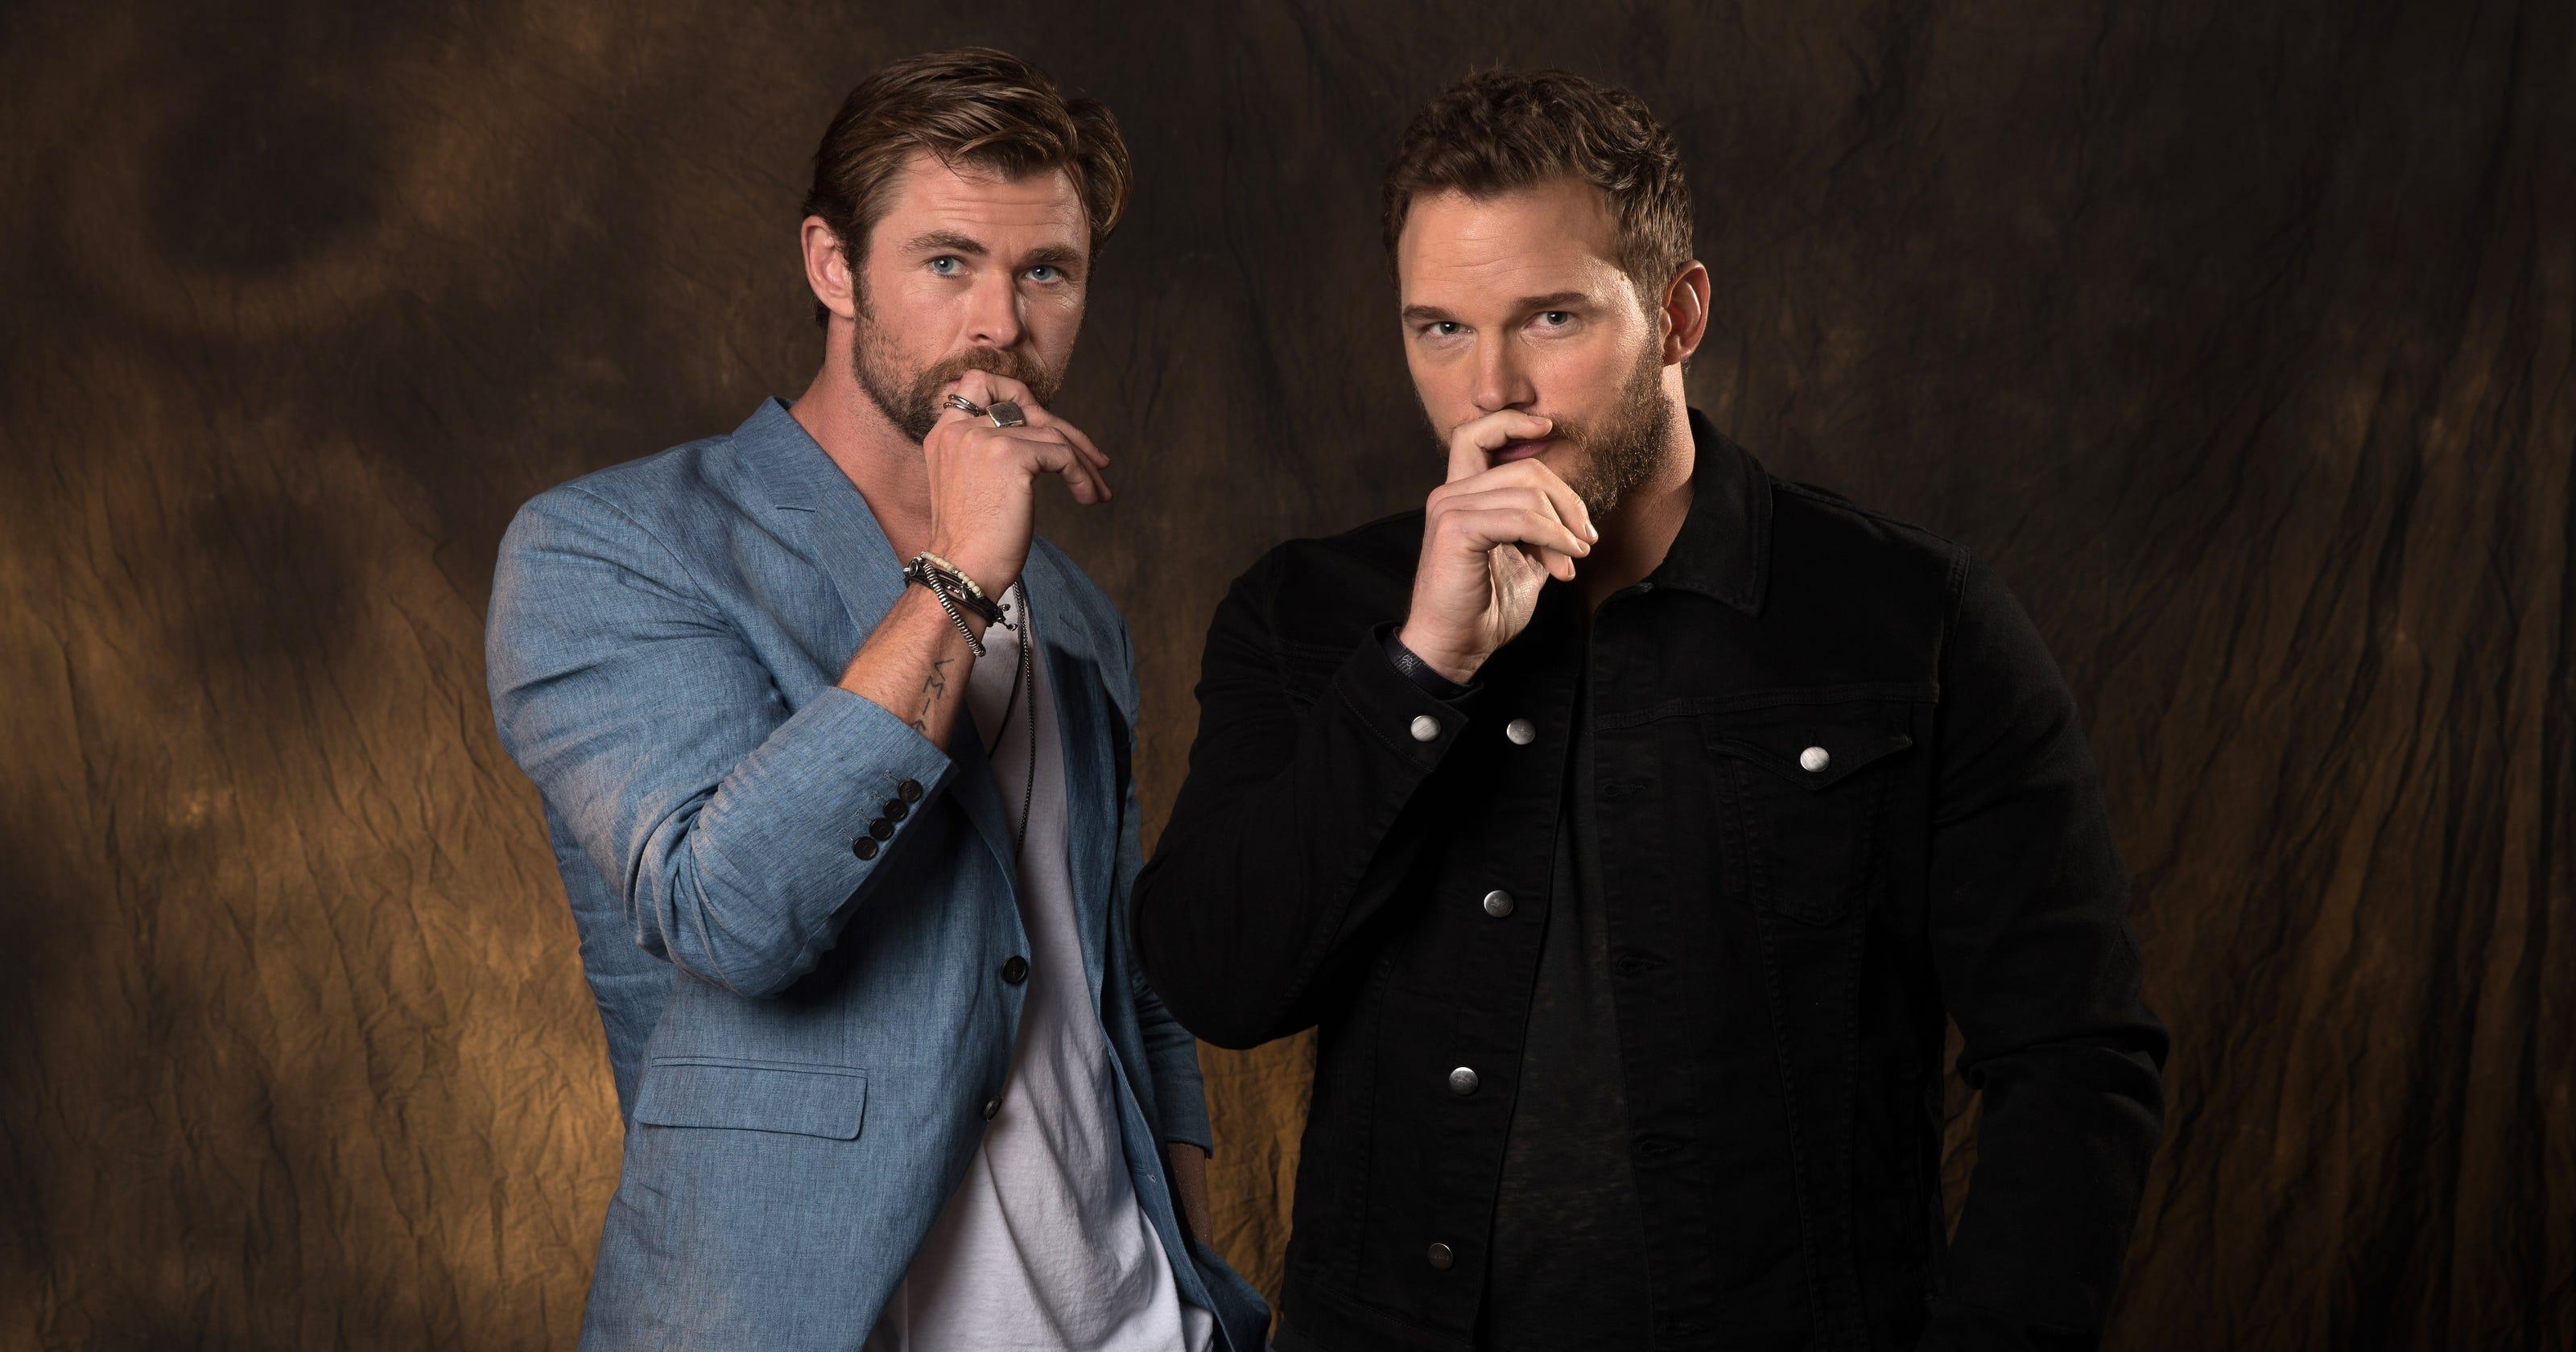 Avengers: Infinity War': Hemsworth, Pratt join 'best Chris